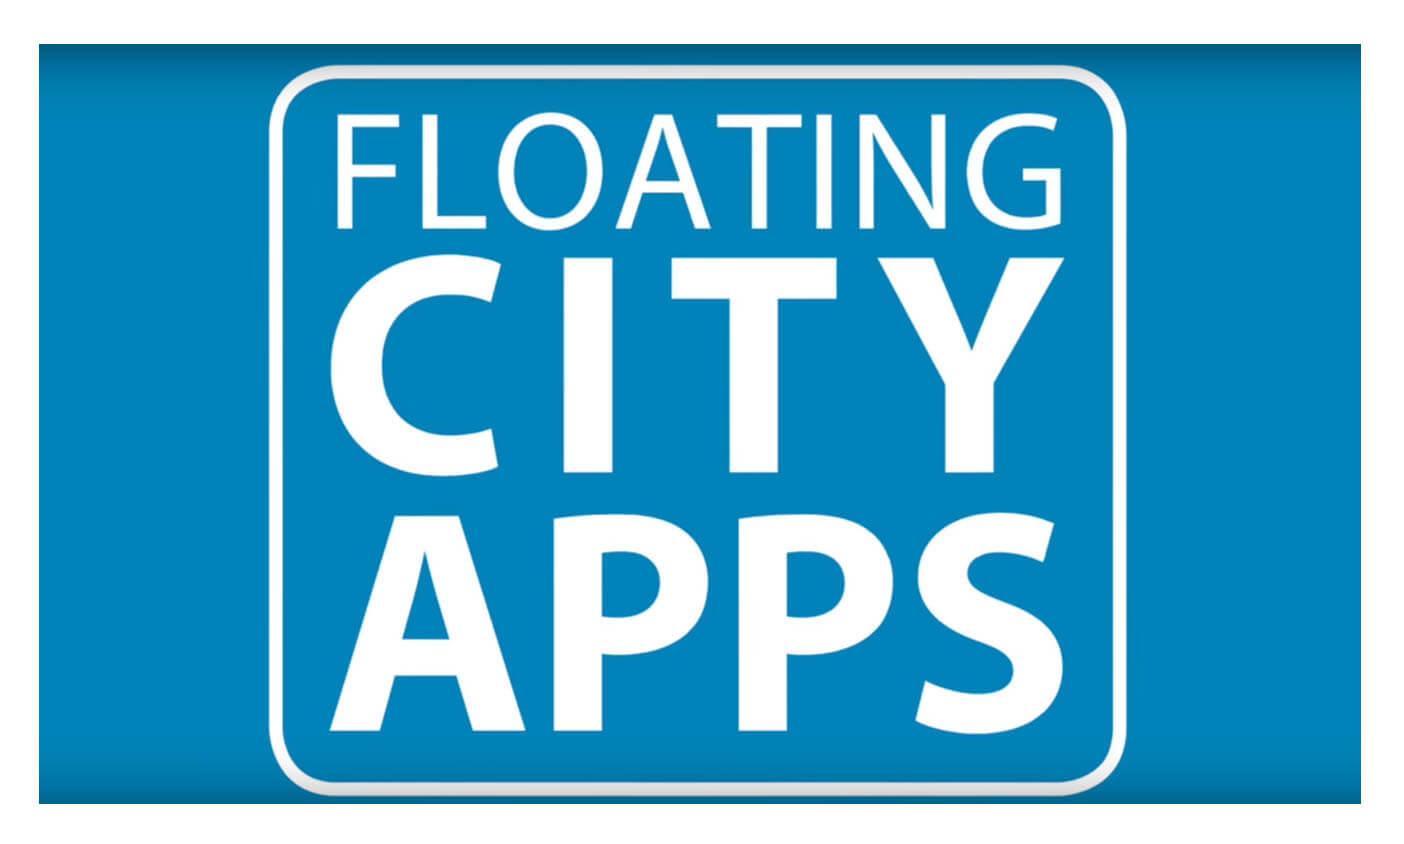 Floating City Apps In Uganda